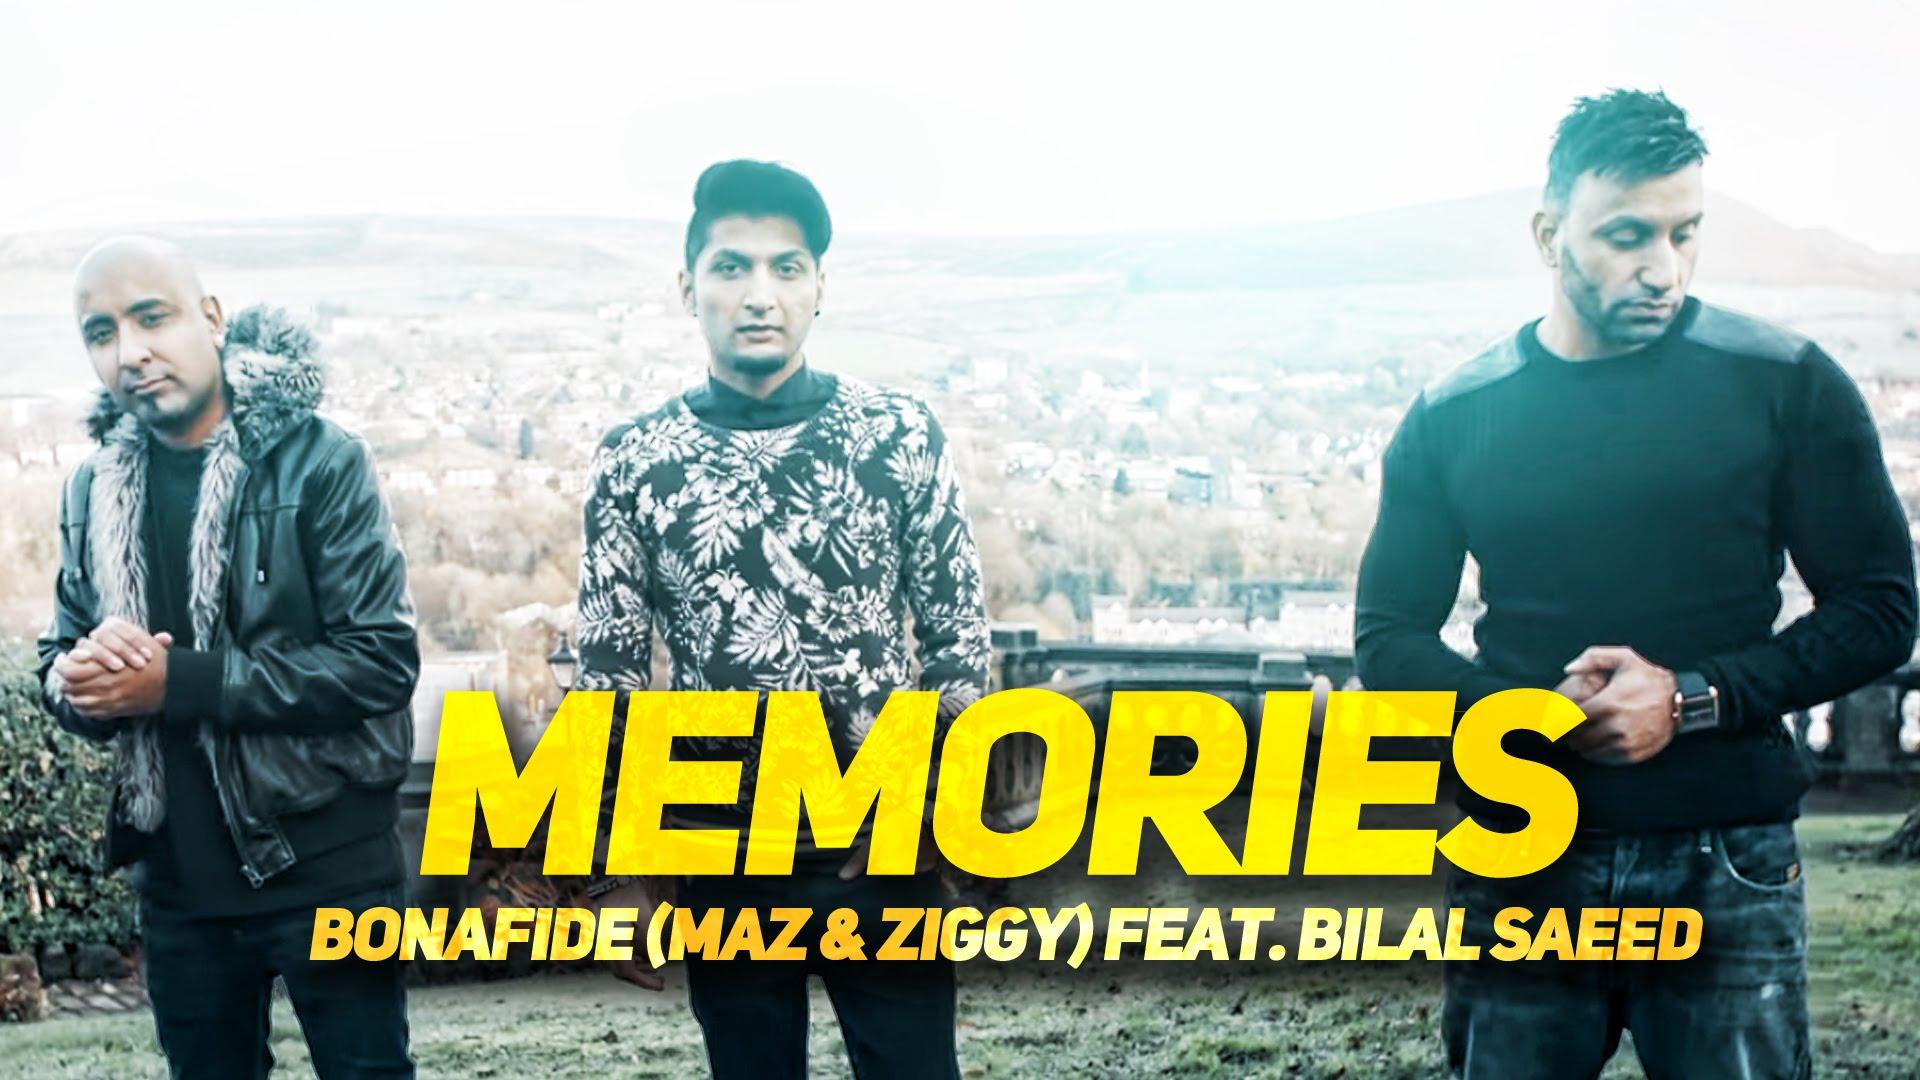 Bonafide Memories Ft Bilal Saeed Desi Box Com